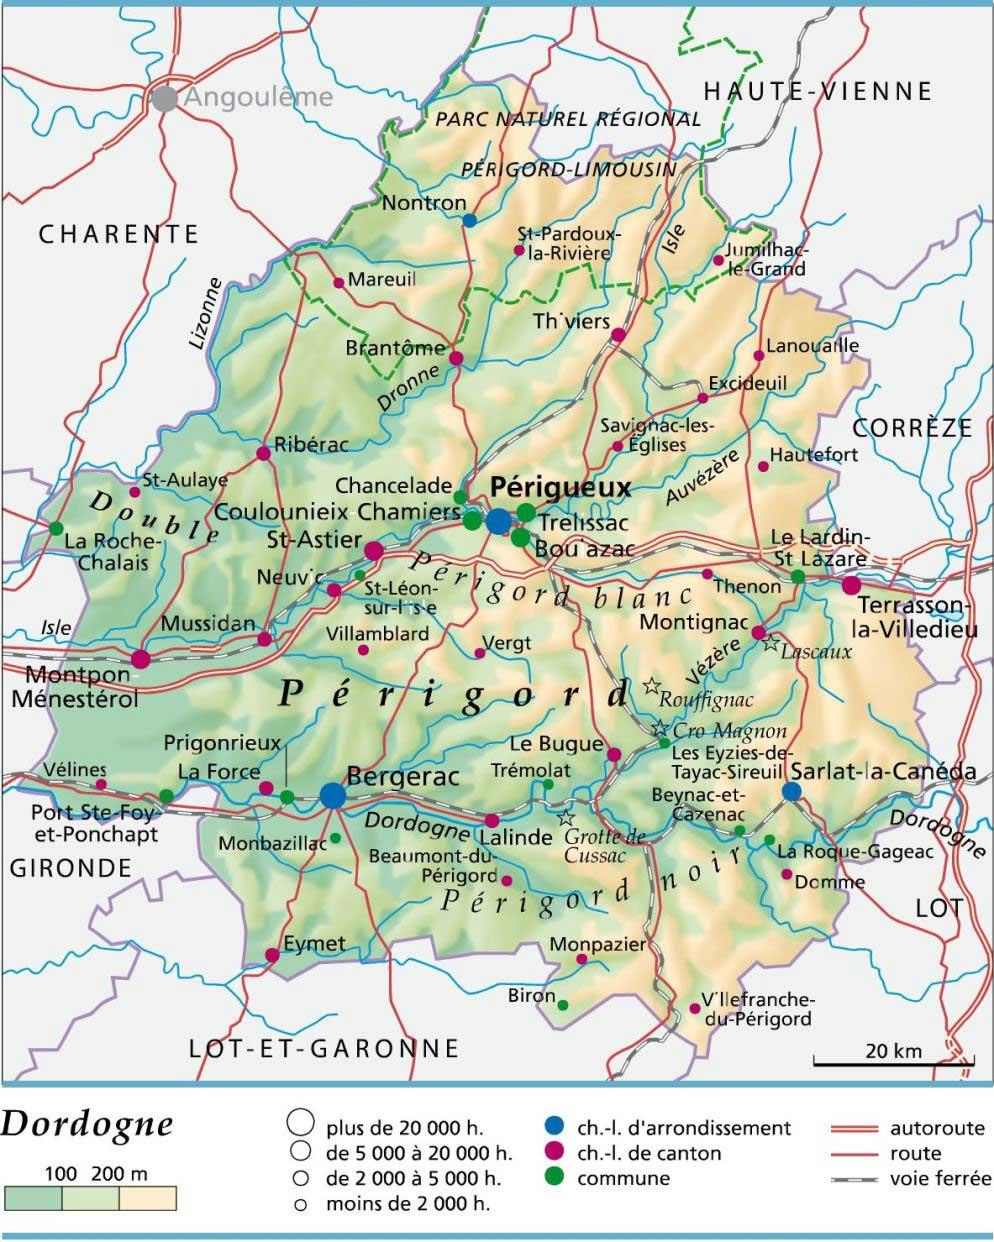 Carte – Département Dordogne